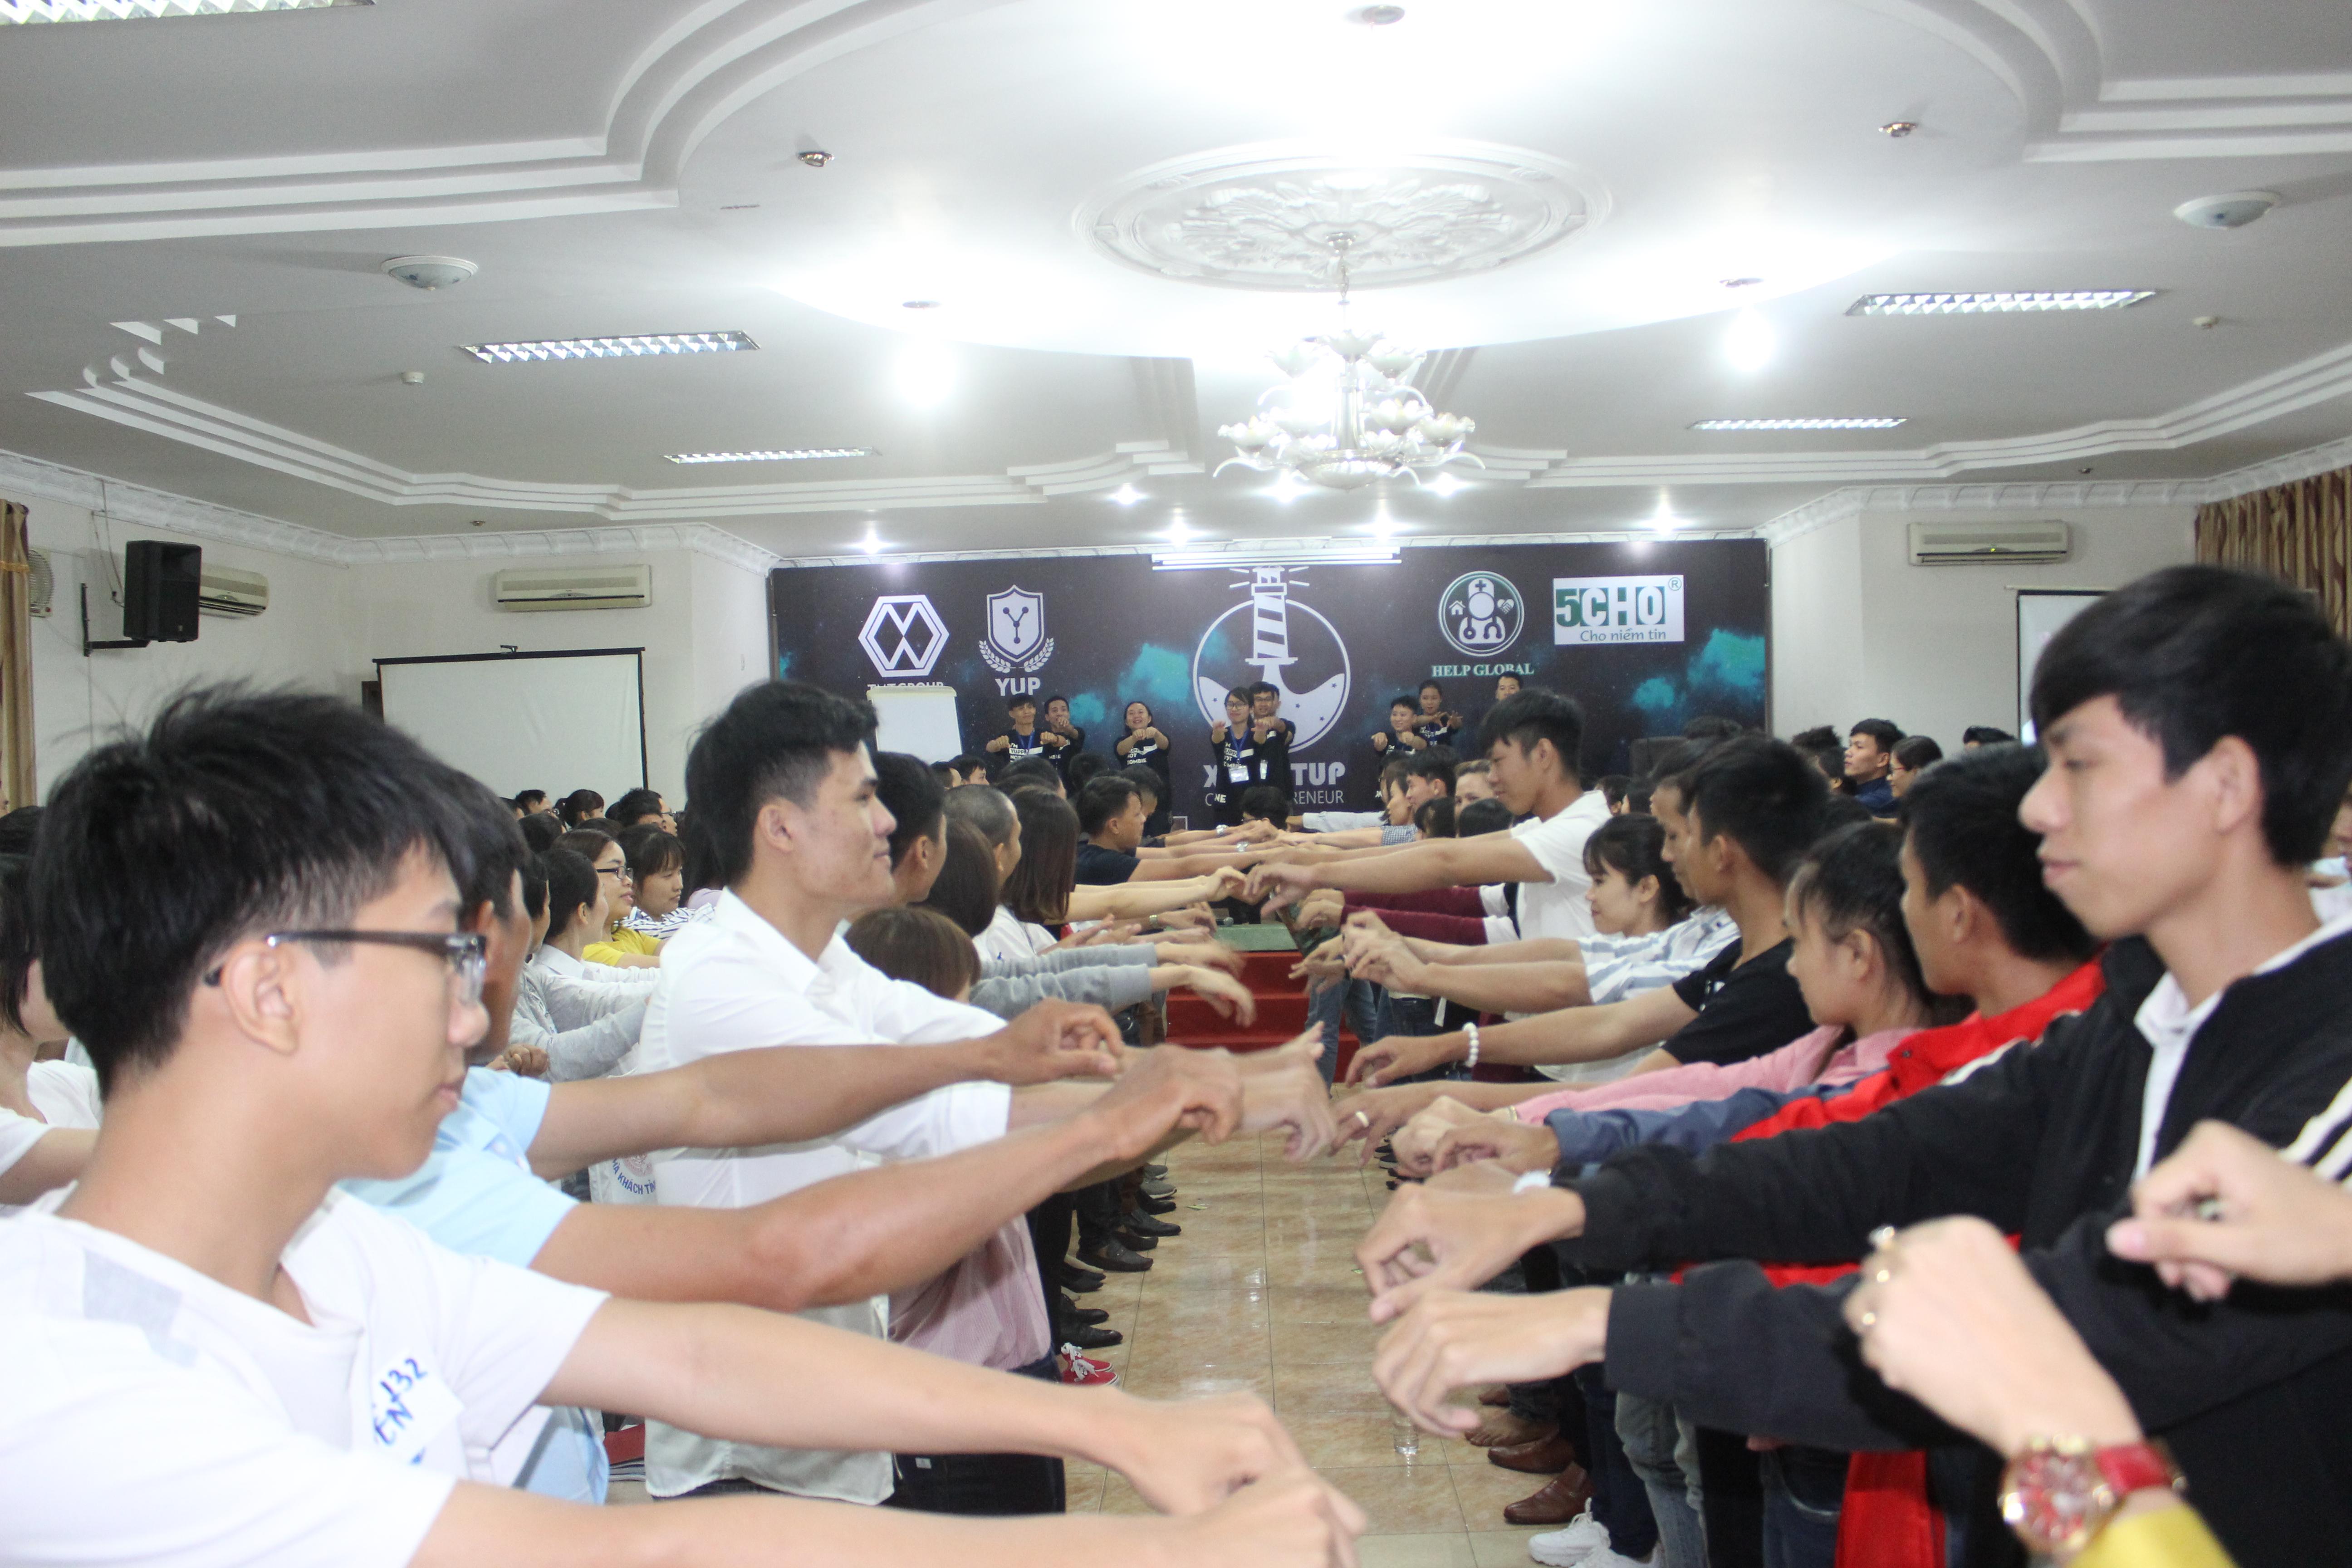 Hội nghị khởi nghiệp và khởi sự doanh nghiệp